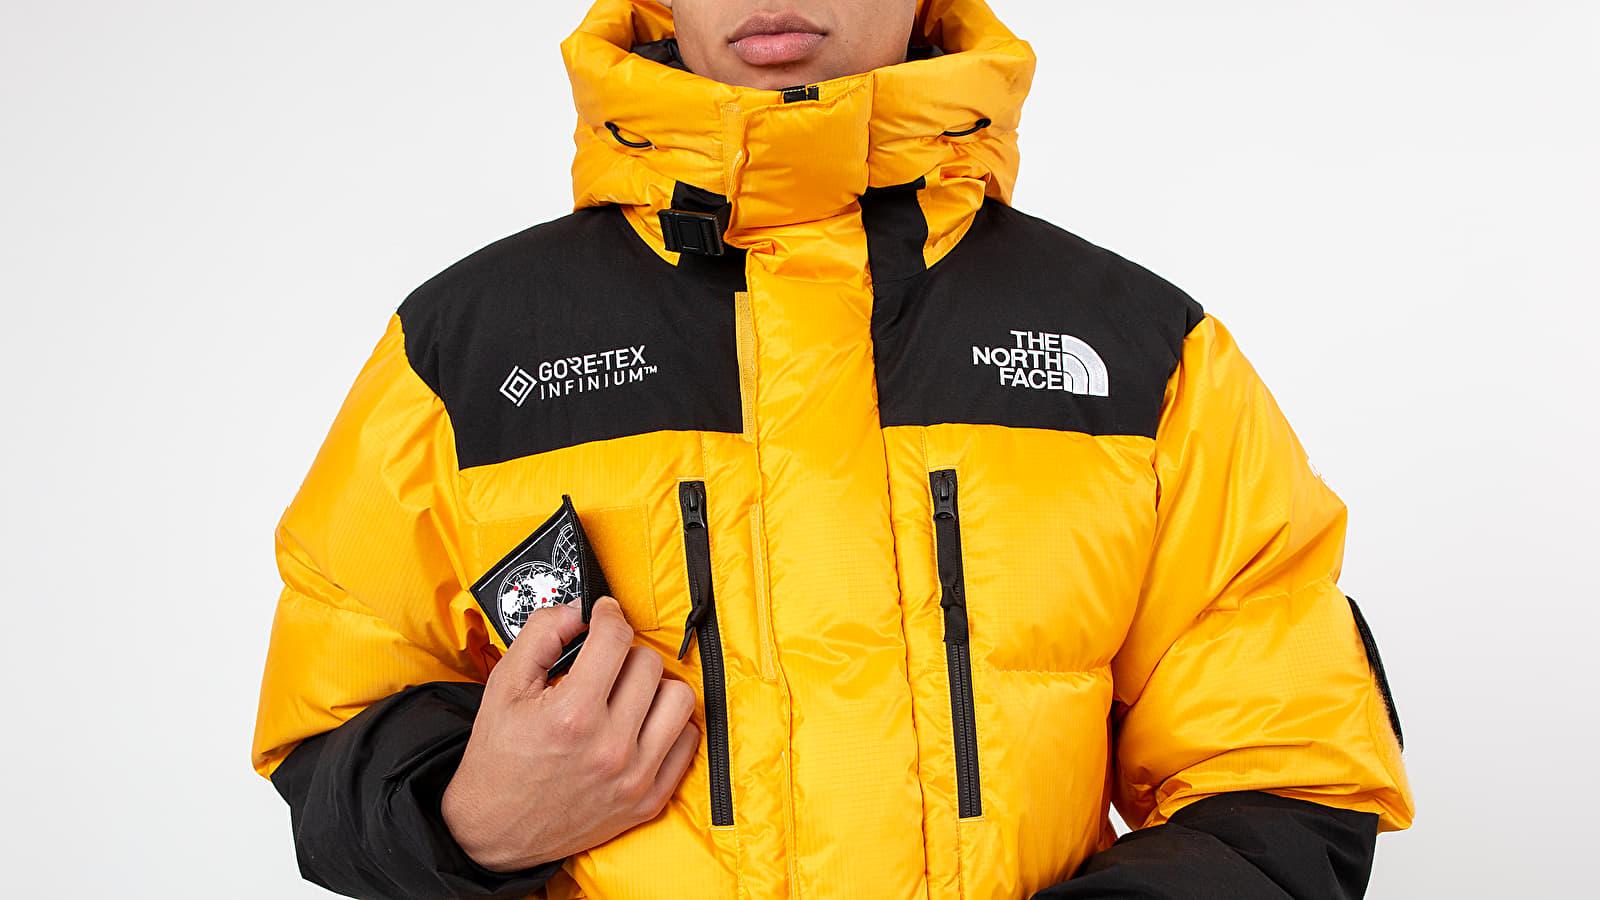 Dzsekik The North Face 7 Summits Edition Himalayan Parka